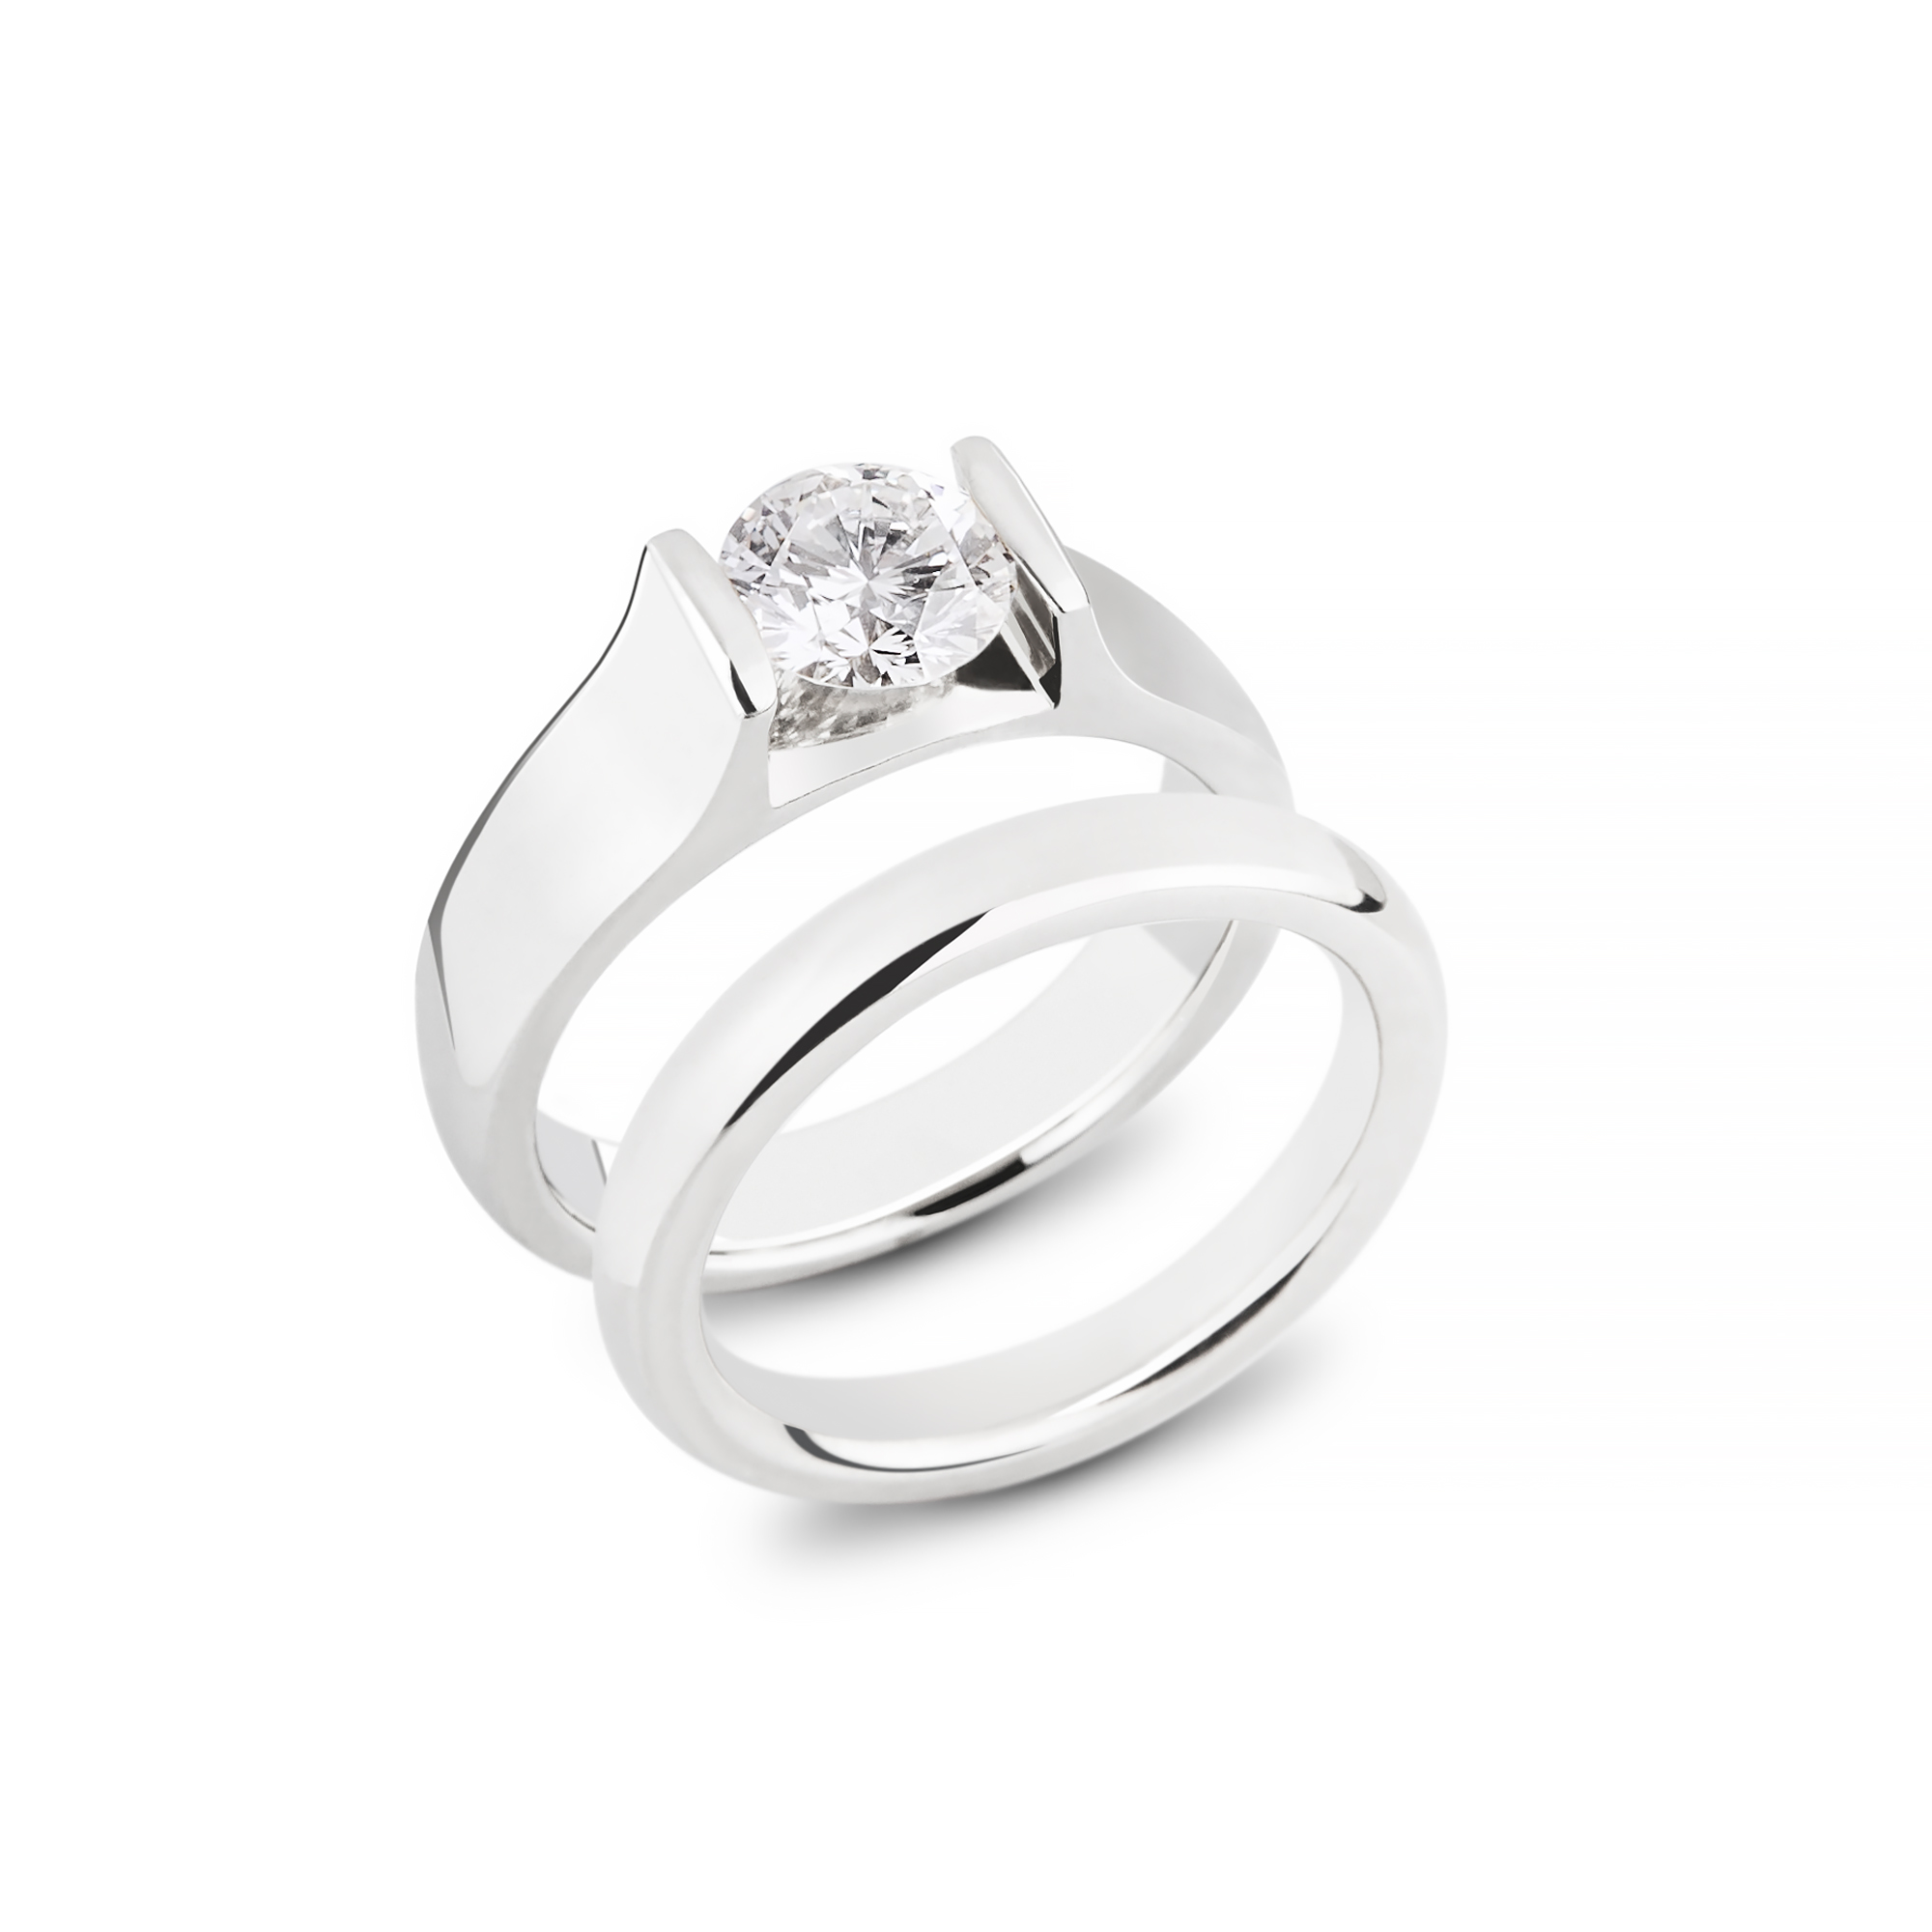 Jewelry_07.jpg